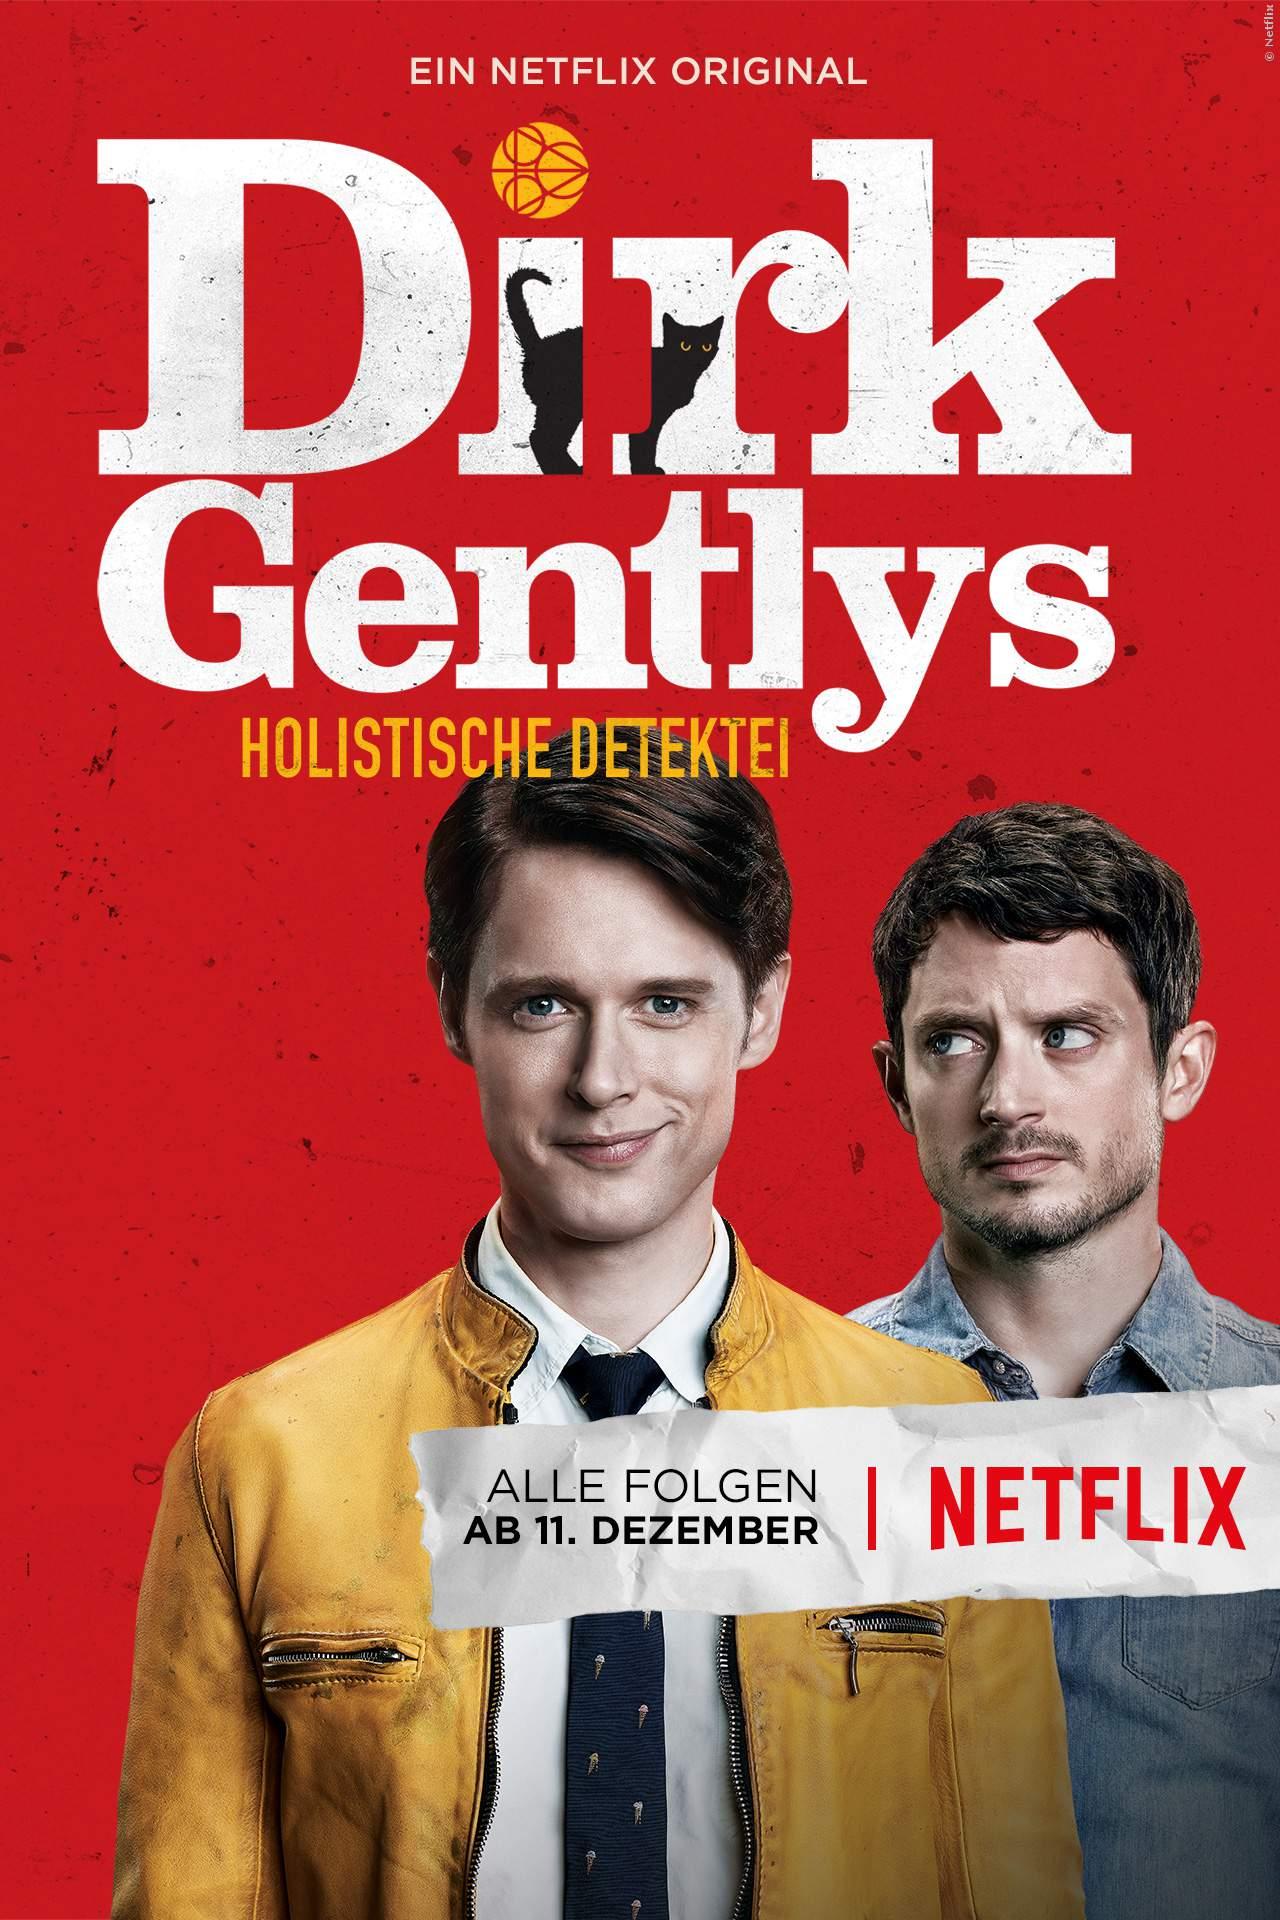 Elijah Wood in Netflix-Serie Dirk Gentlys Holistische Detektei - Bild 1 von 1